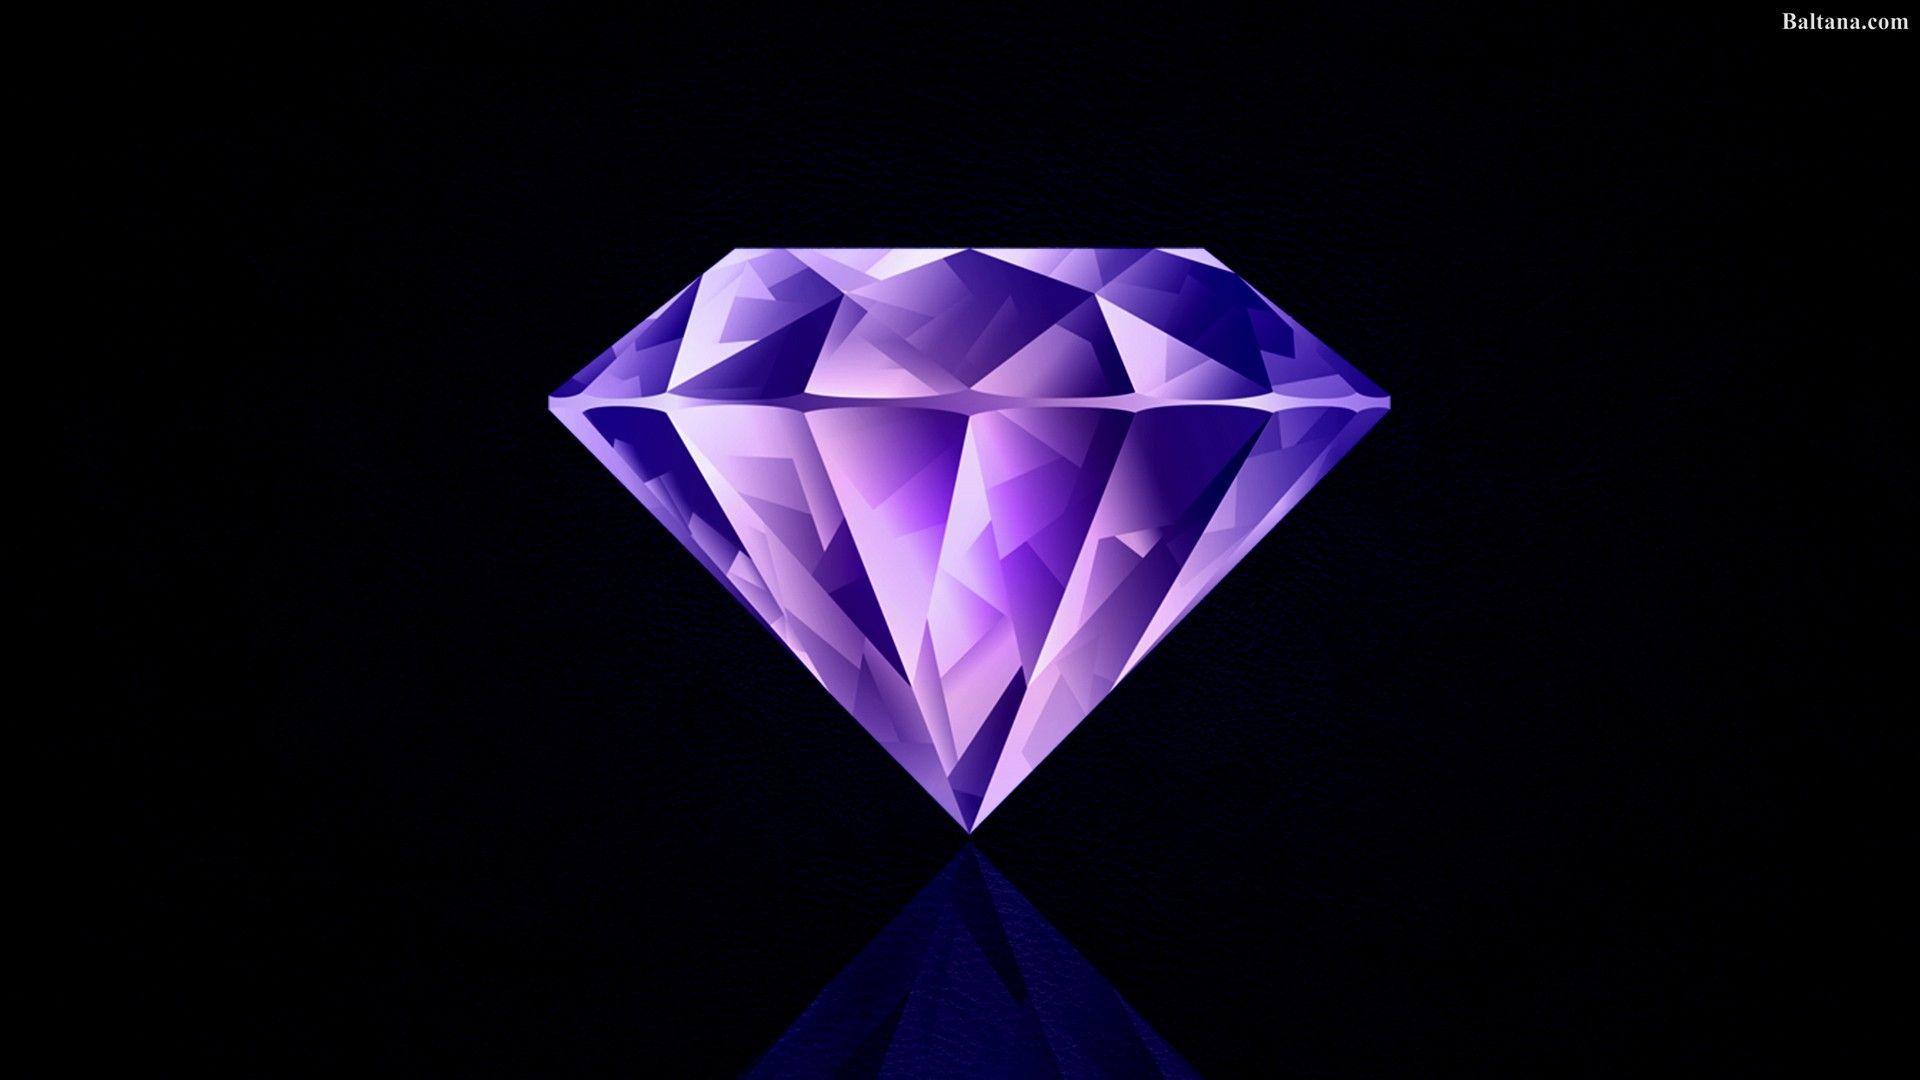 крутые картинки алмазов вирусологи готовятся испытаниям